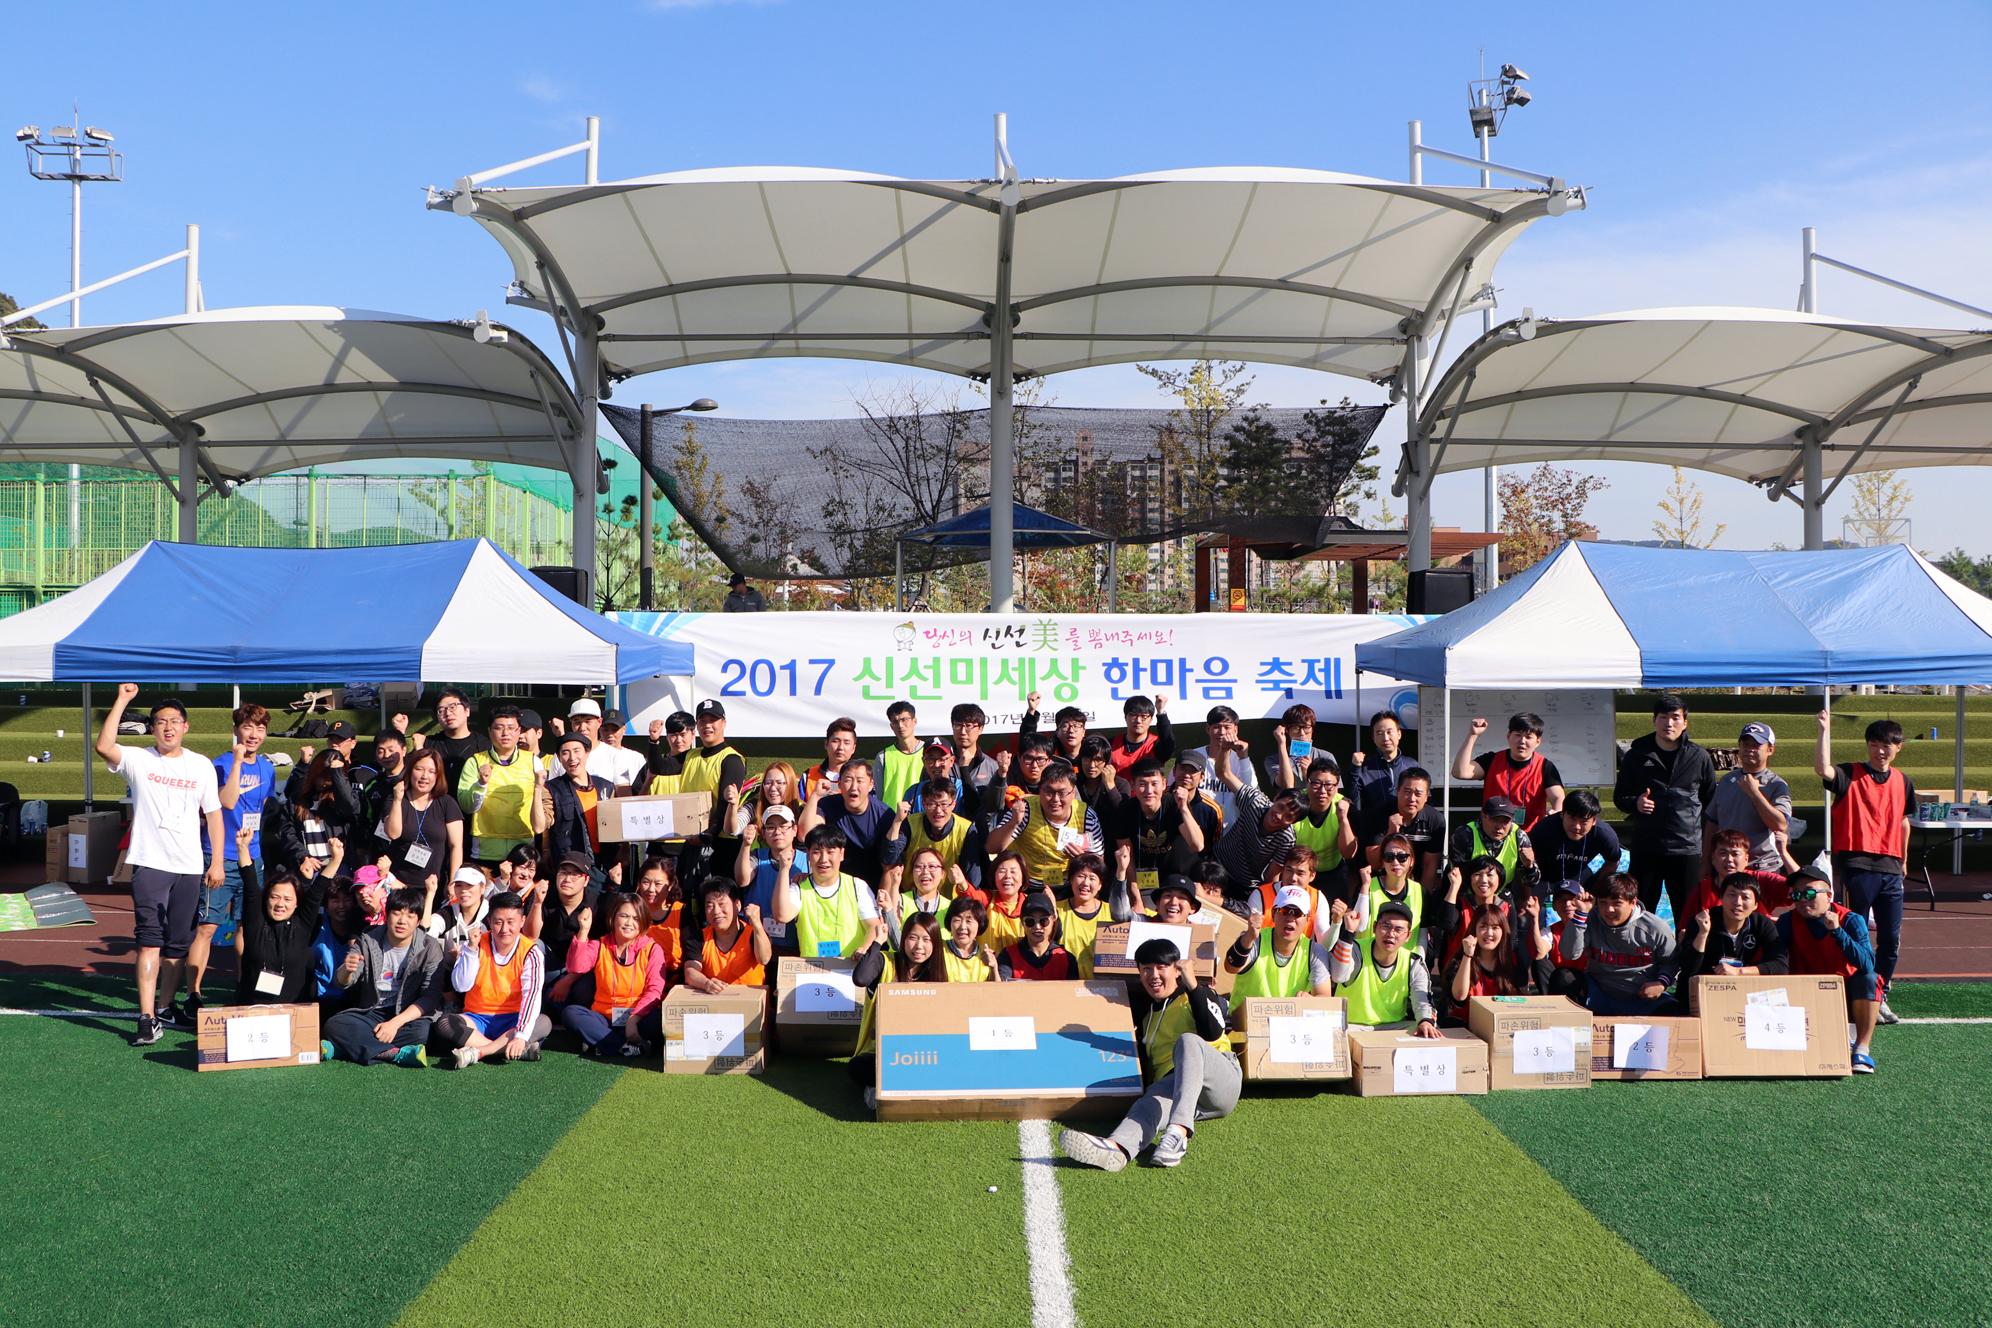 2017 곤지암 급식사업부 한마음 체육대회